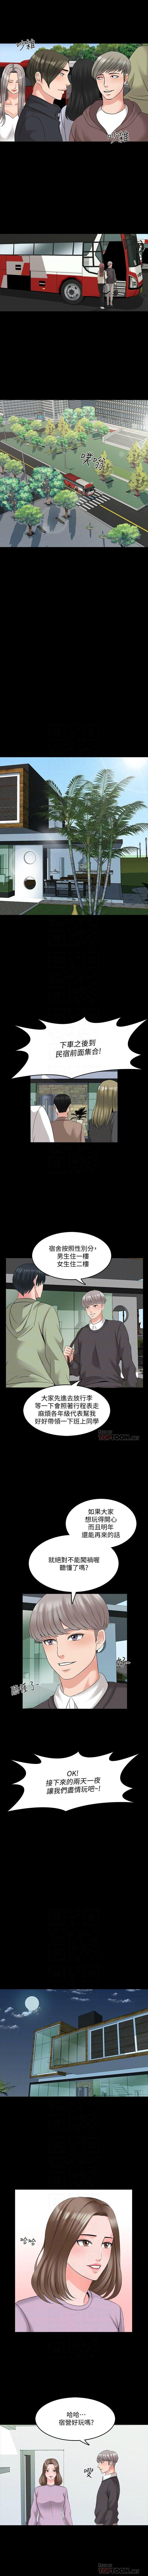 家教老師 1-42 官方中文(連載中) 255